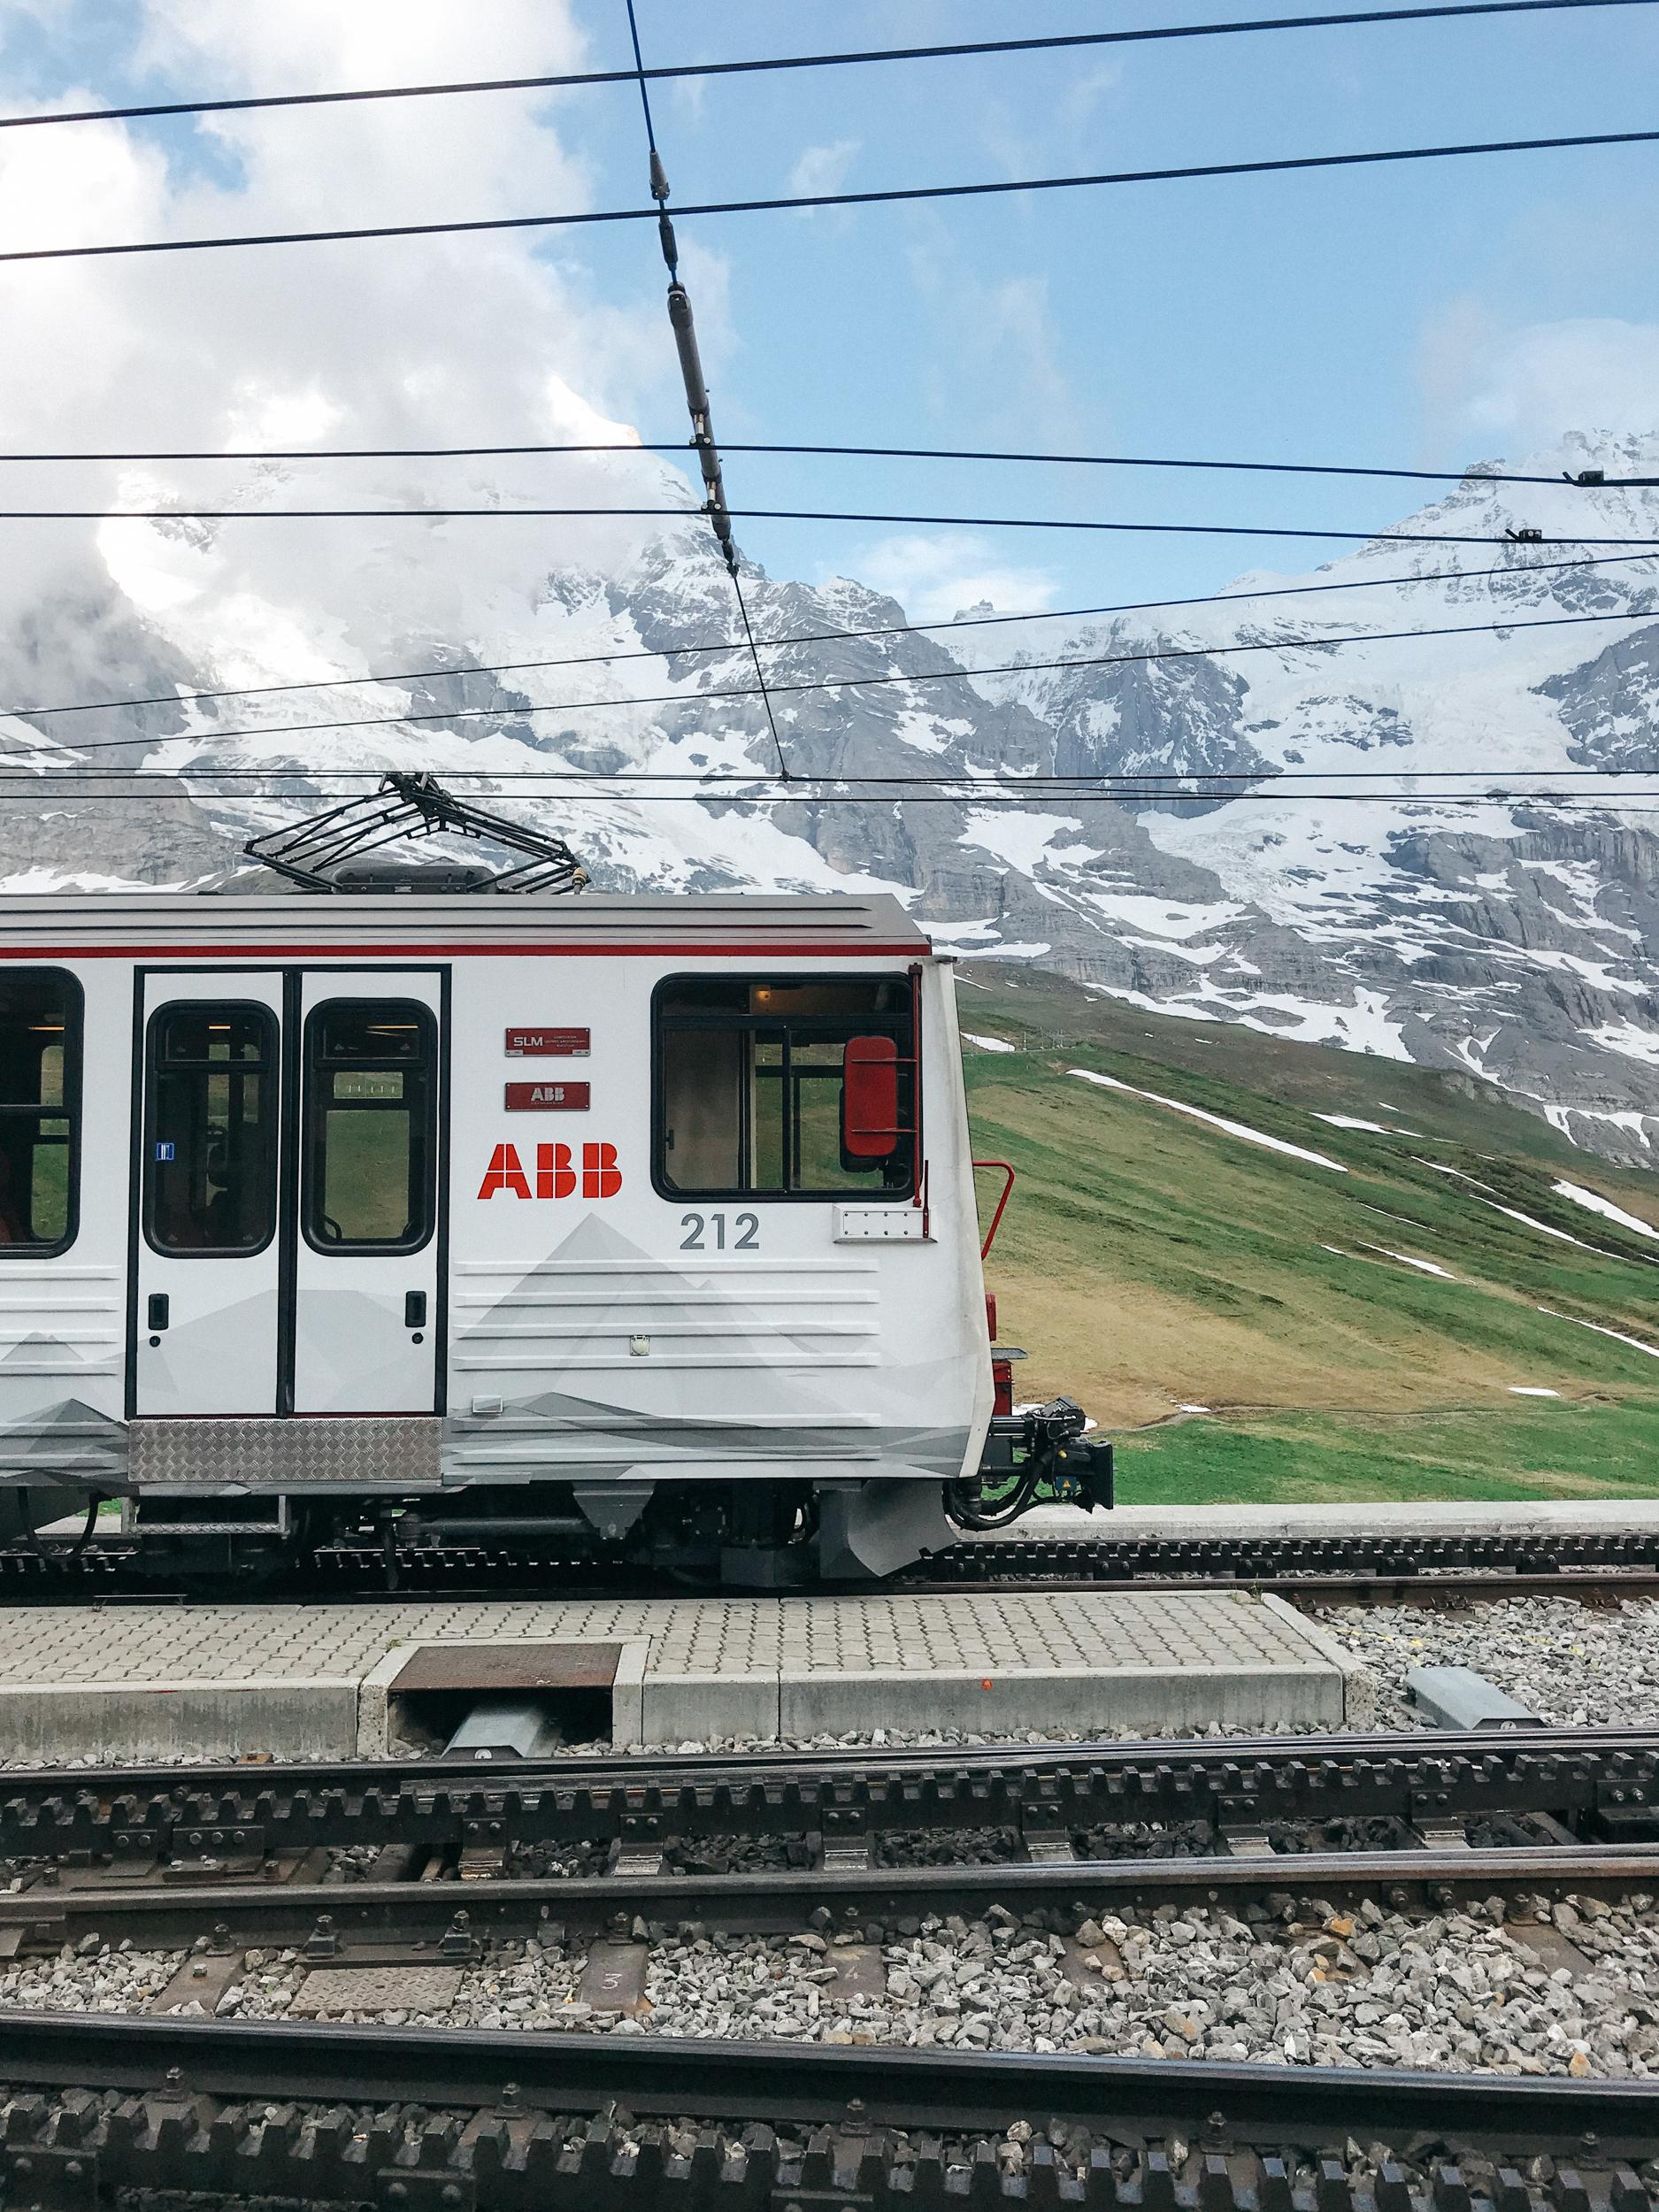 Transferring trains at Kleine Scheidegg